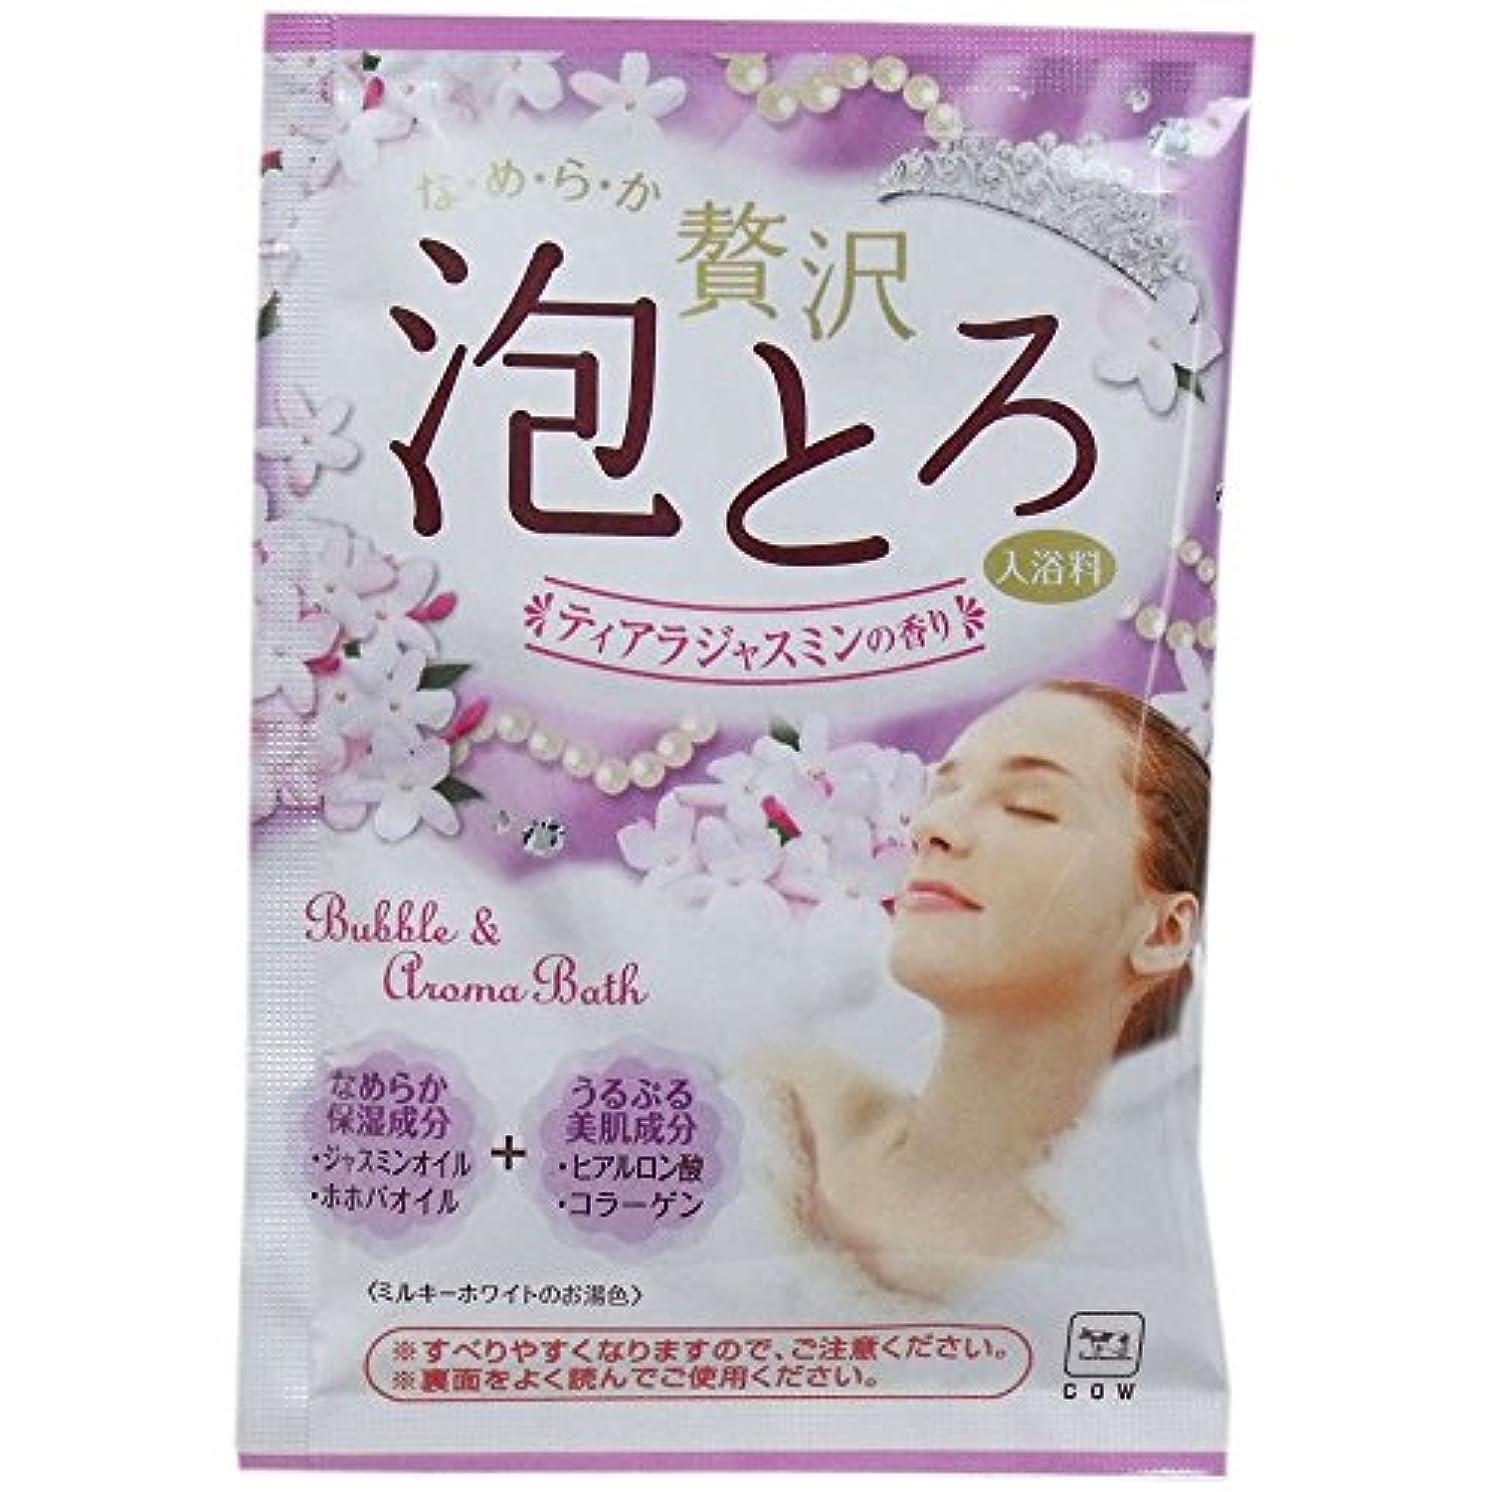 鋸歯状協会未使用牛乳石鹸共進社 贅沢泡とろ 入浴料 ティアラジャスミンの香り 30g